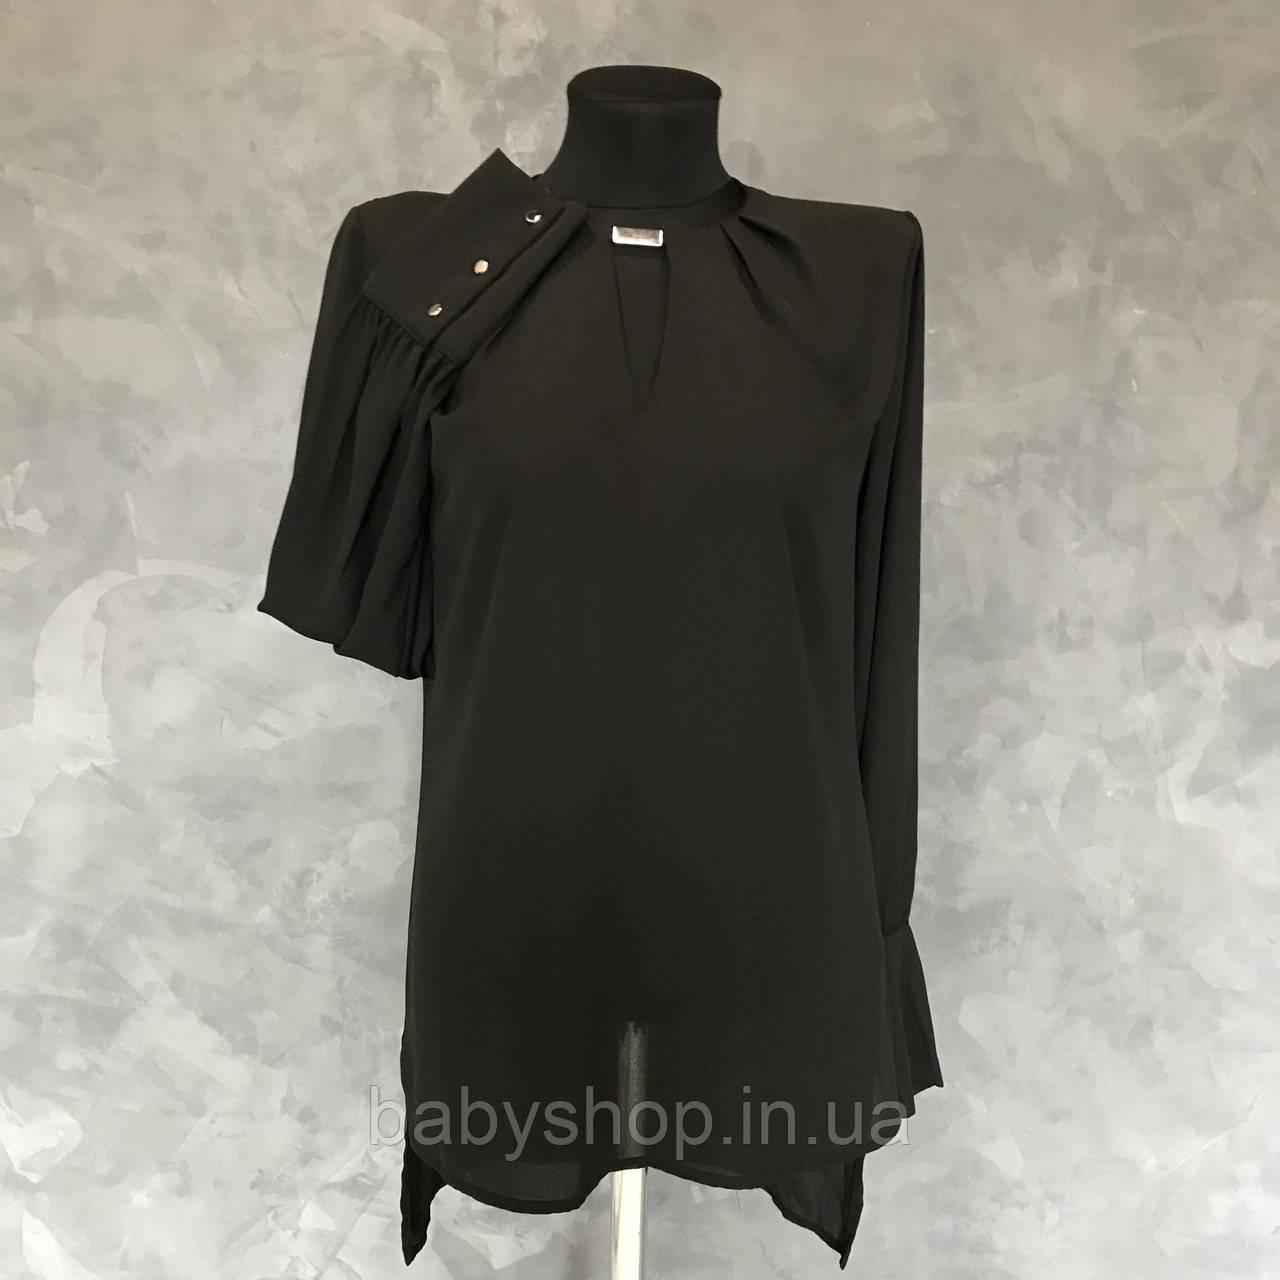 Стильная черная блуза от KOTON. Размер XS, S, M, L.